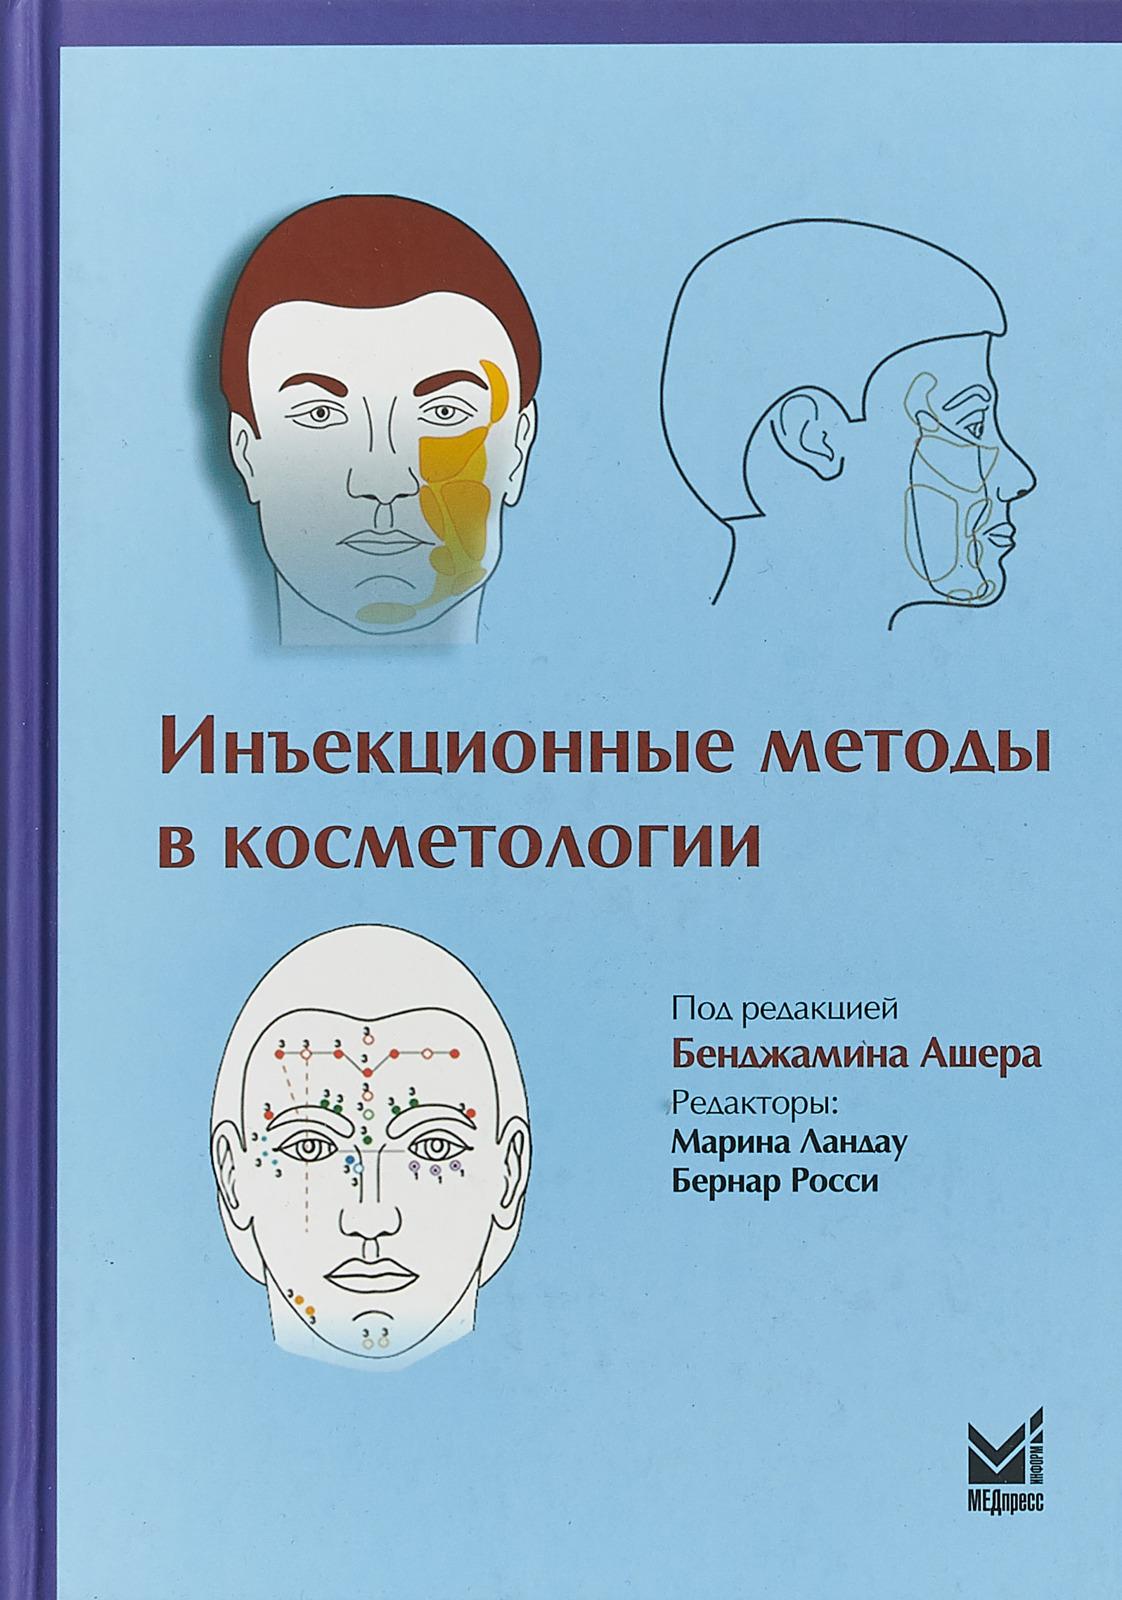 Инъекционные методы в косметологии в Москве